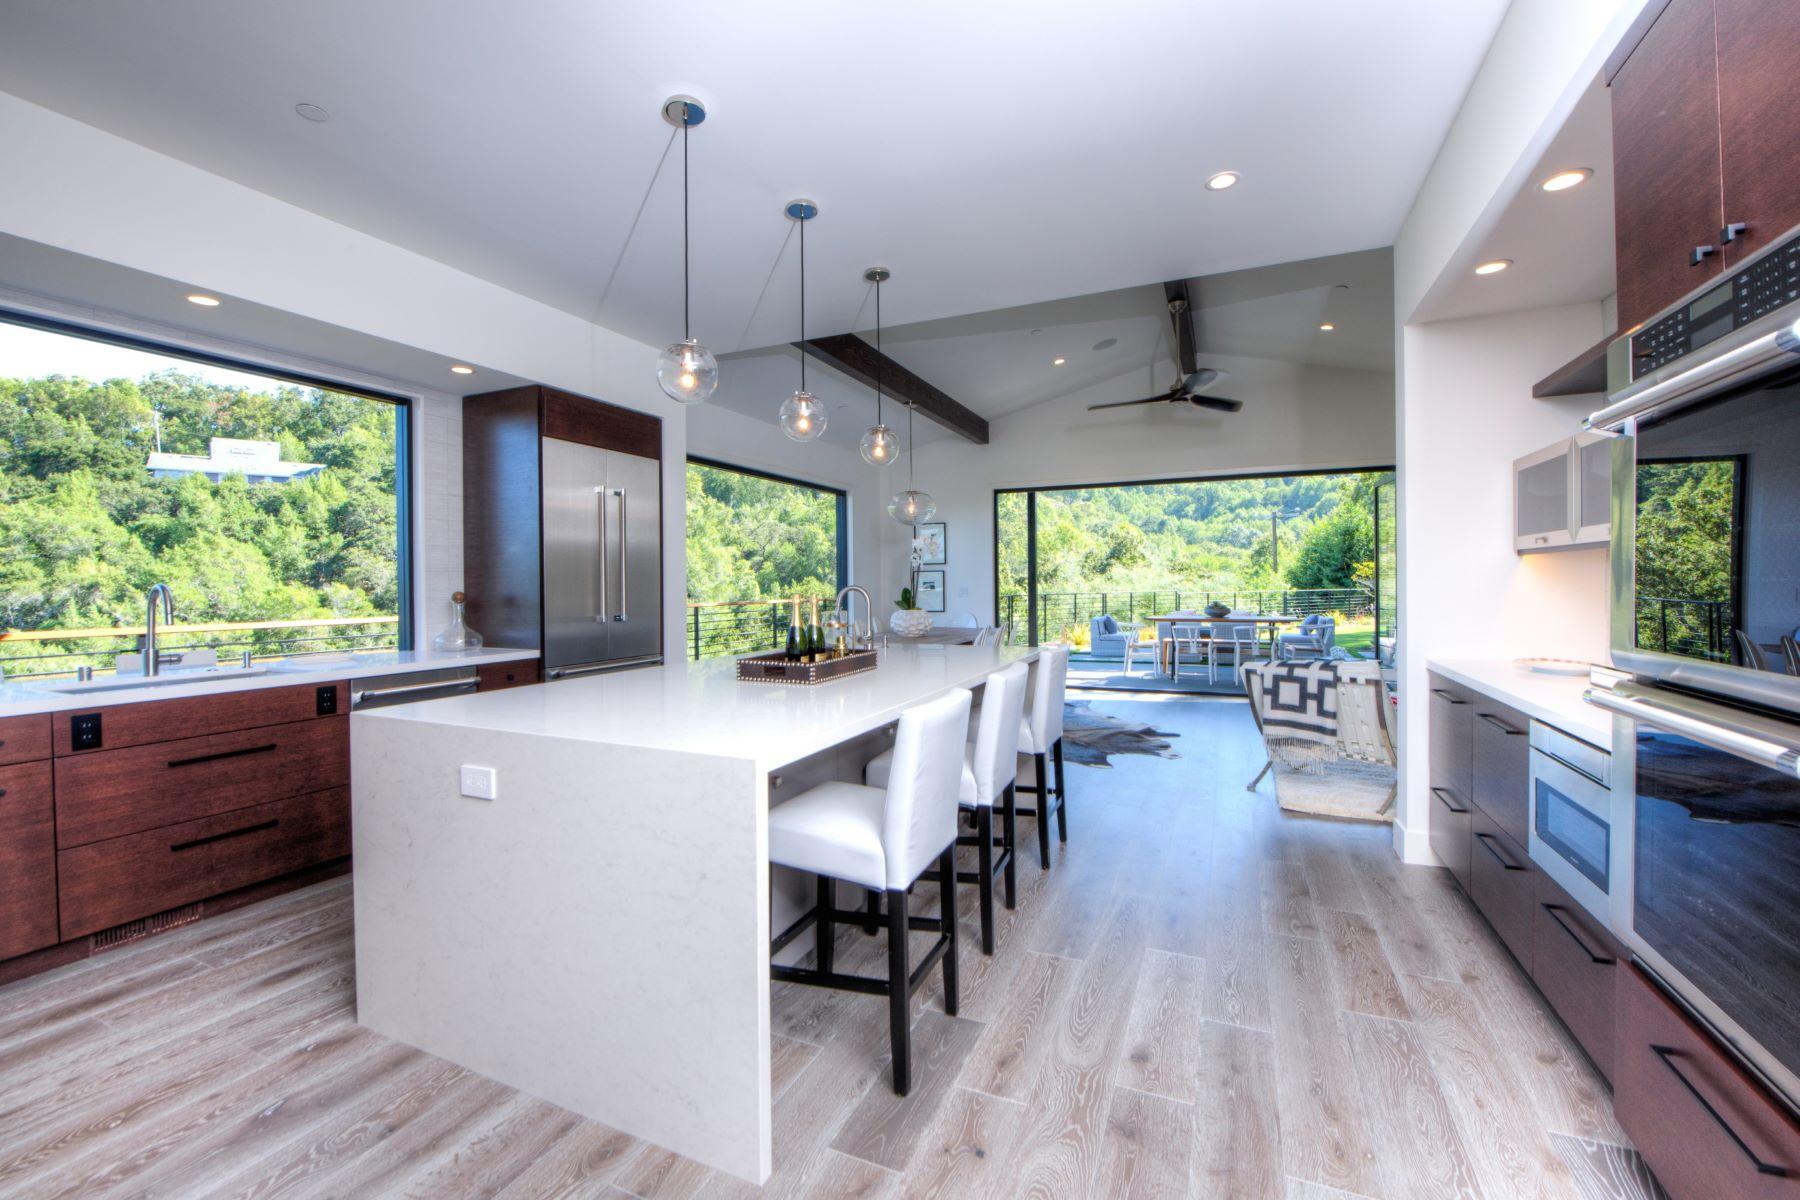 Maison unifamiliale pour l Vente à Brand New Construction 476 Laurel Avenue San Anselmo, Californie 94960 États-Unis